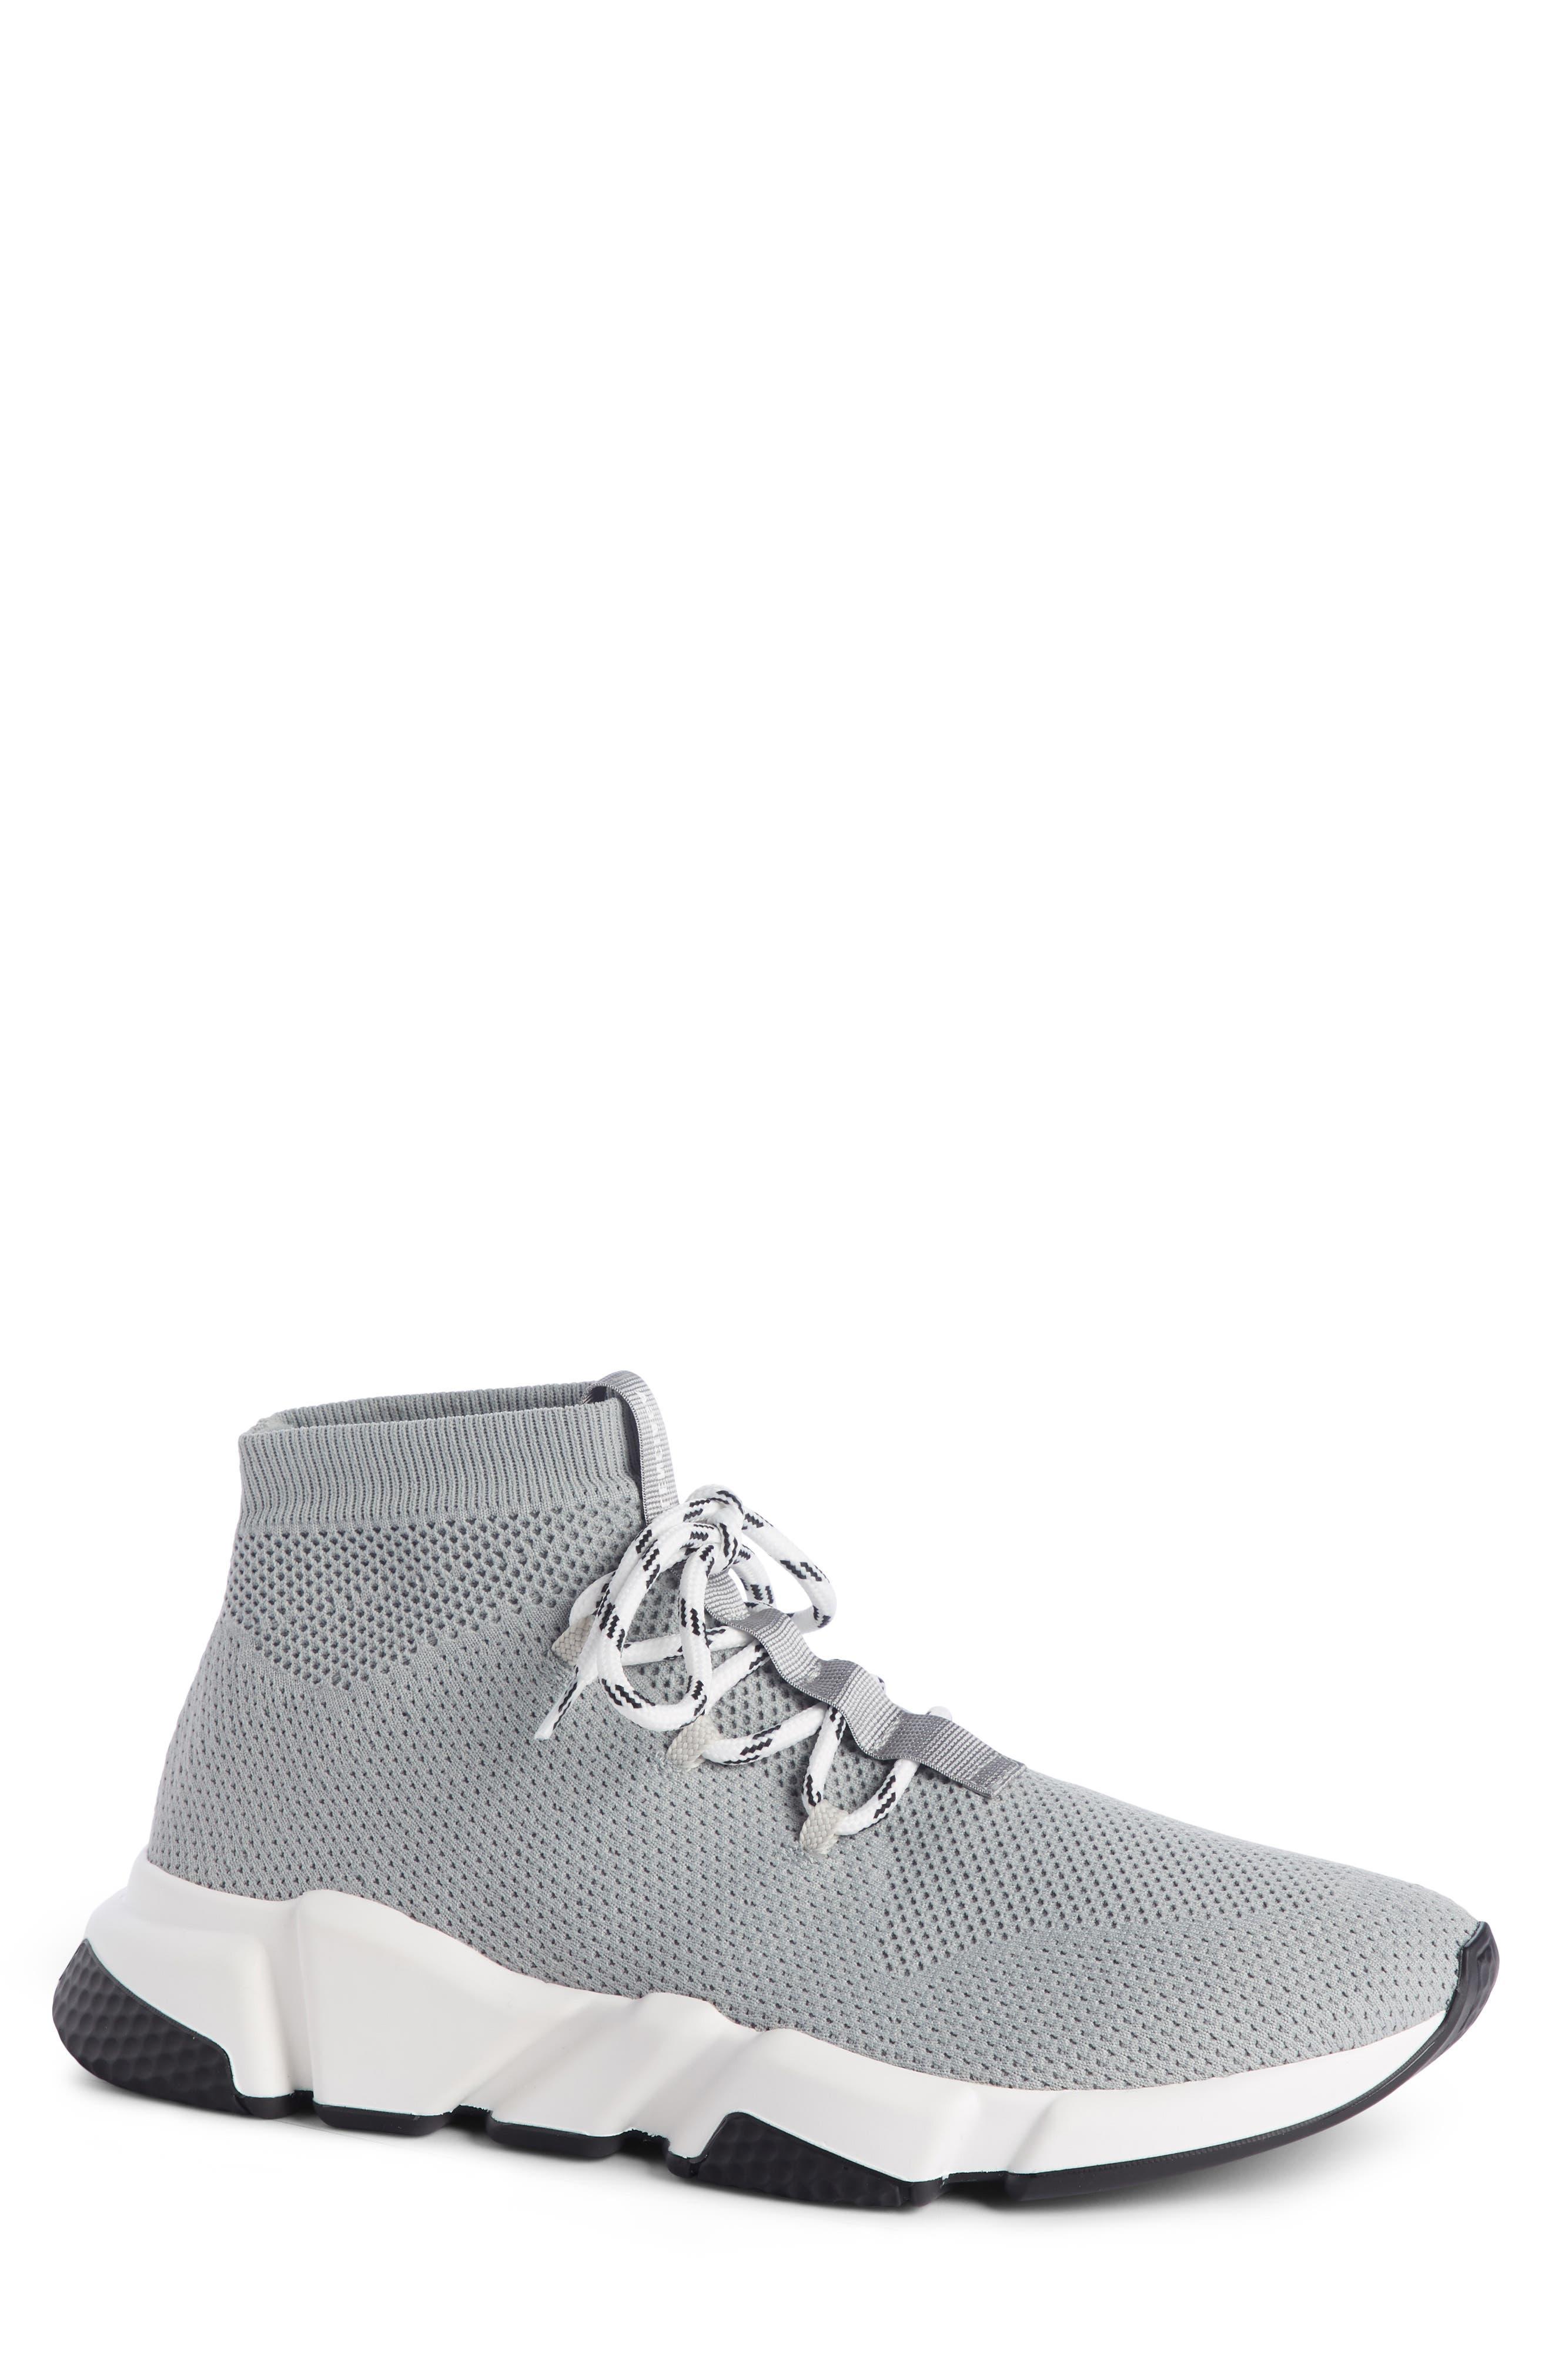 BALENCIAGA, Mid-Top Sneaker, Main thumbnail 1, color, GREY